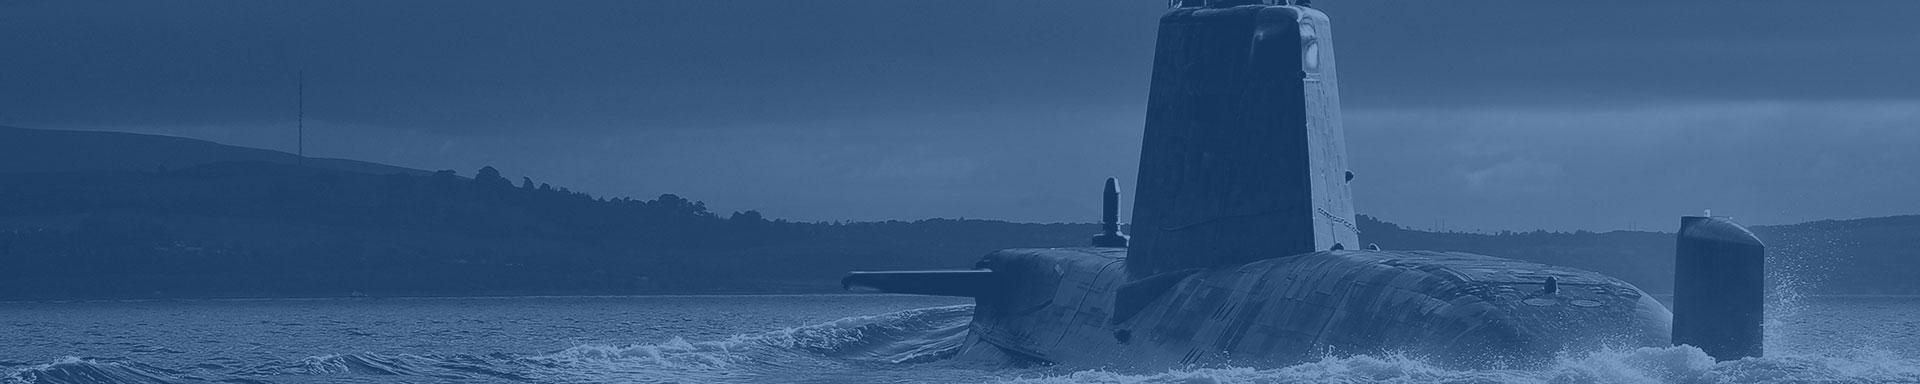 Submarine background image